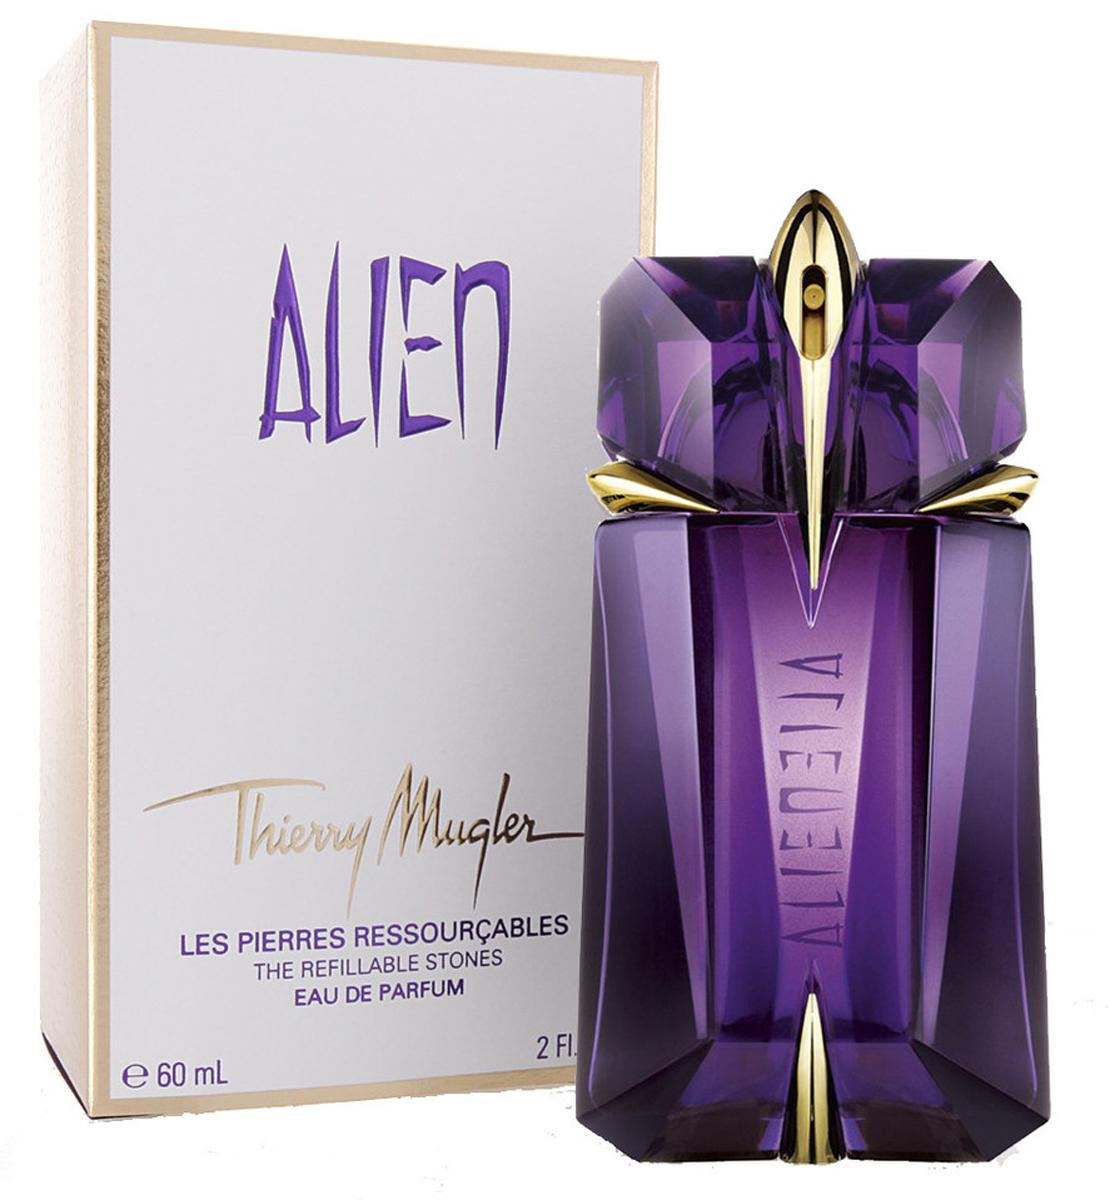 Thierry Mugler Парфюмированная вода Alien, женская, 60 мл1301210Древесные, ориентальные. Жасмин, древесина, амбра.